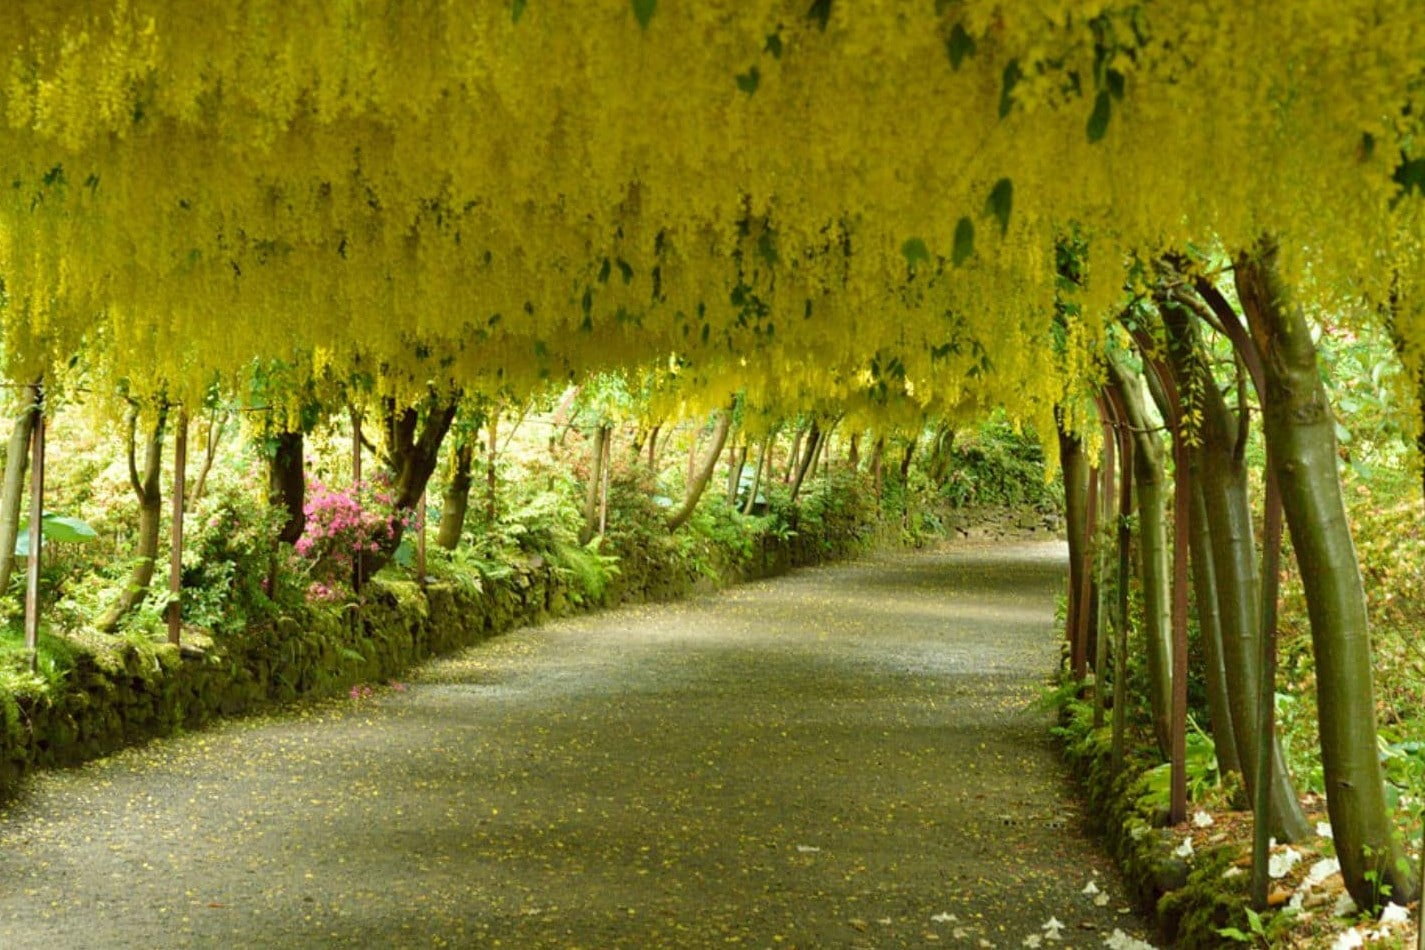 5 prachtige tunnels die door de natuur zelf zijn gemaakt - Laburnum Arch in Wales